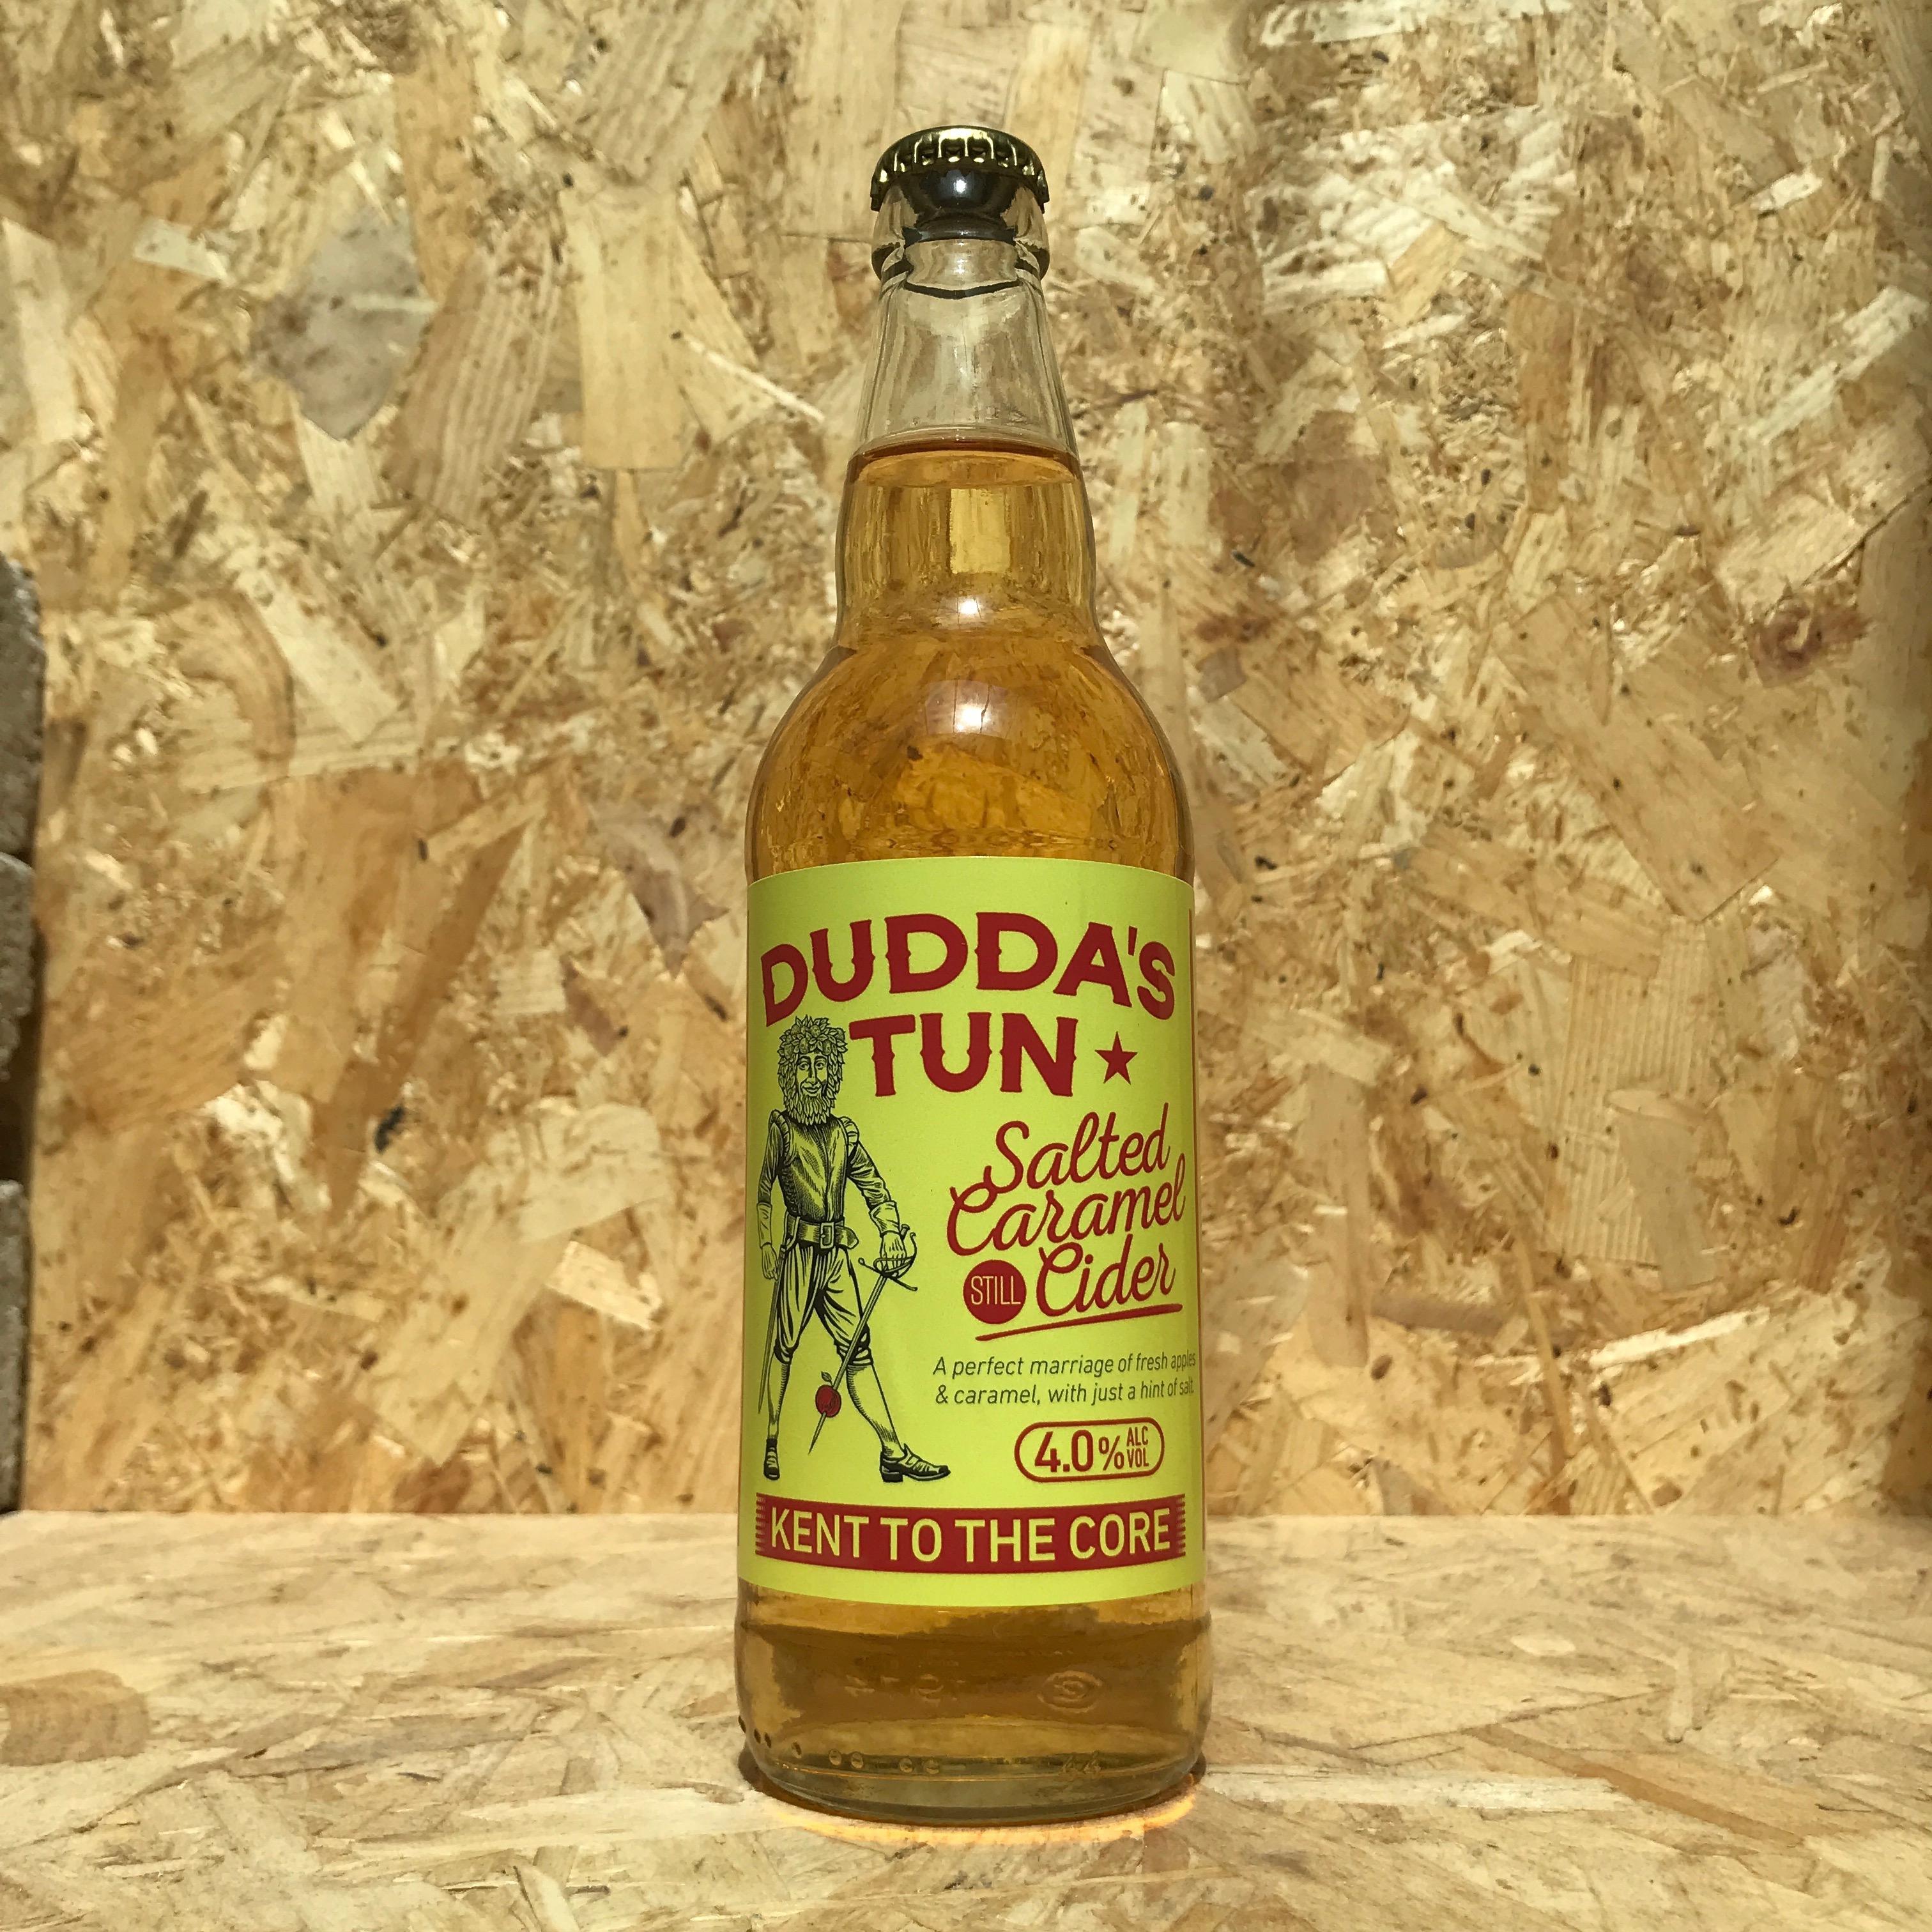 Dudda's Tun - Salted Caramel